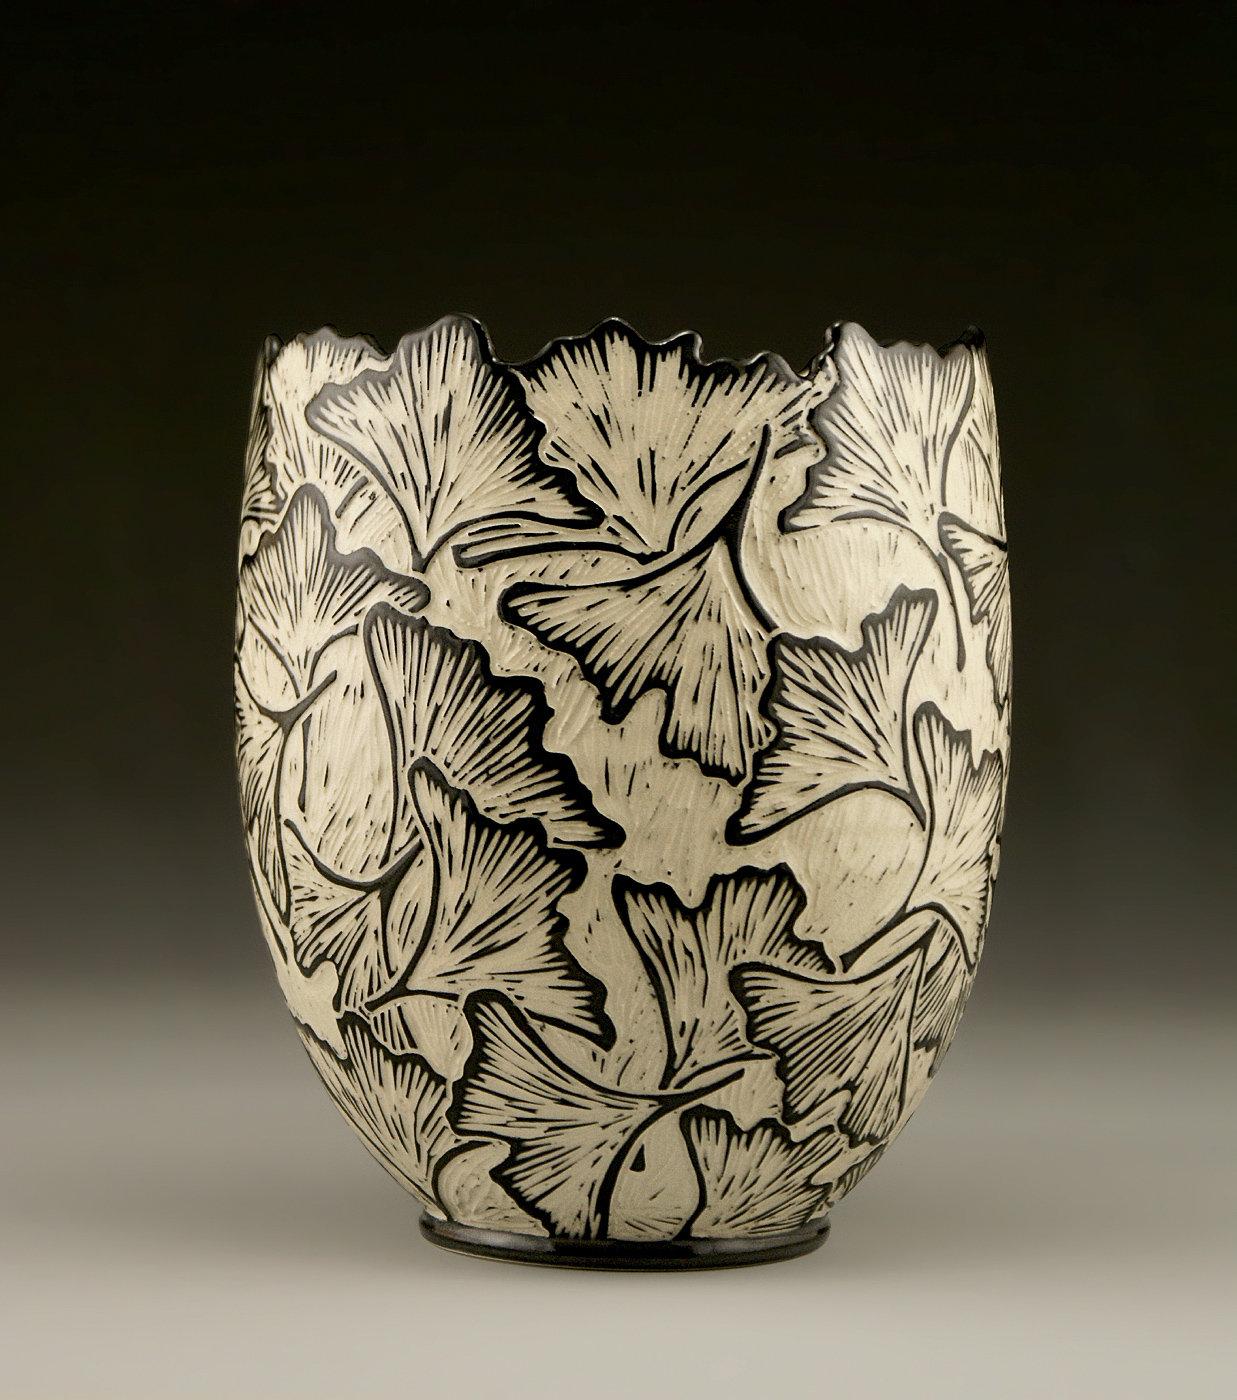 Jennifer falter jennifer falter ceramic artist artful home ginkgo vase with carved edge by jennifer falter ceramic vase reviewsmspy